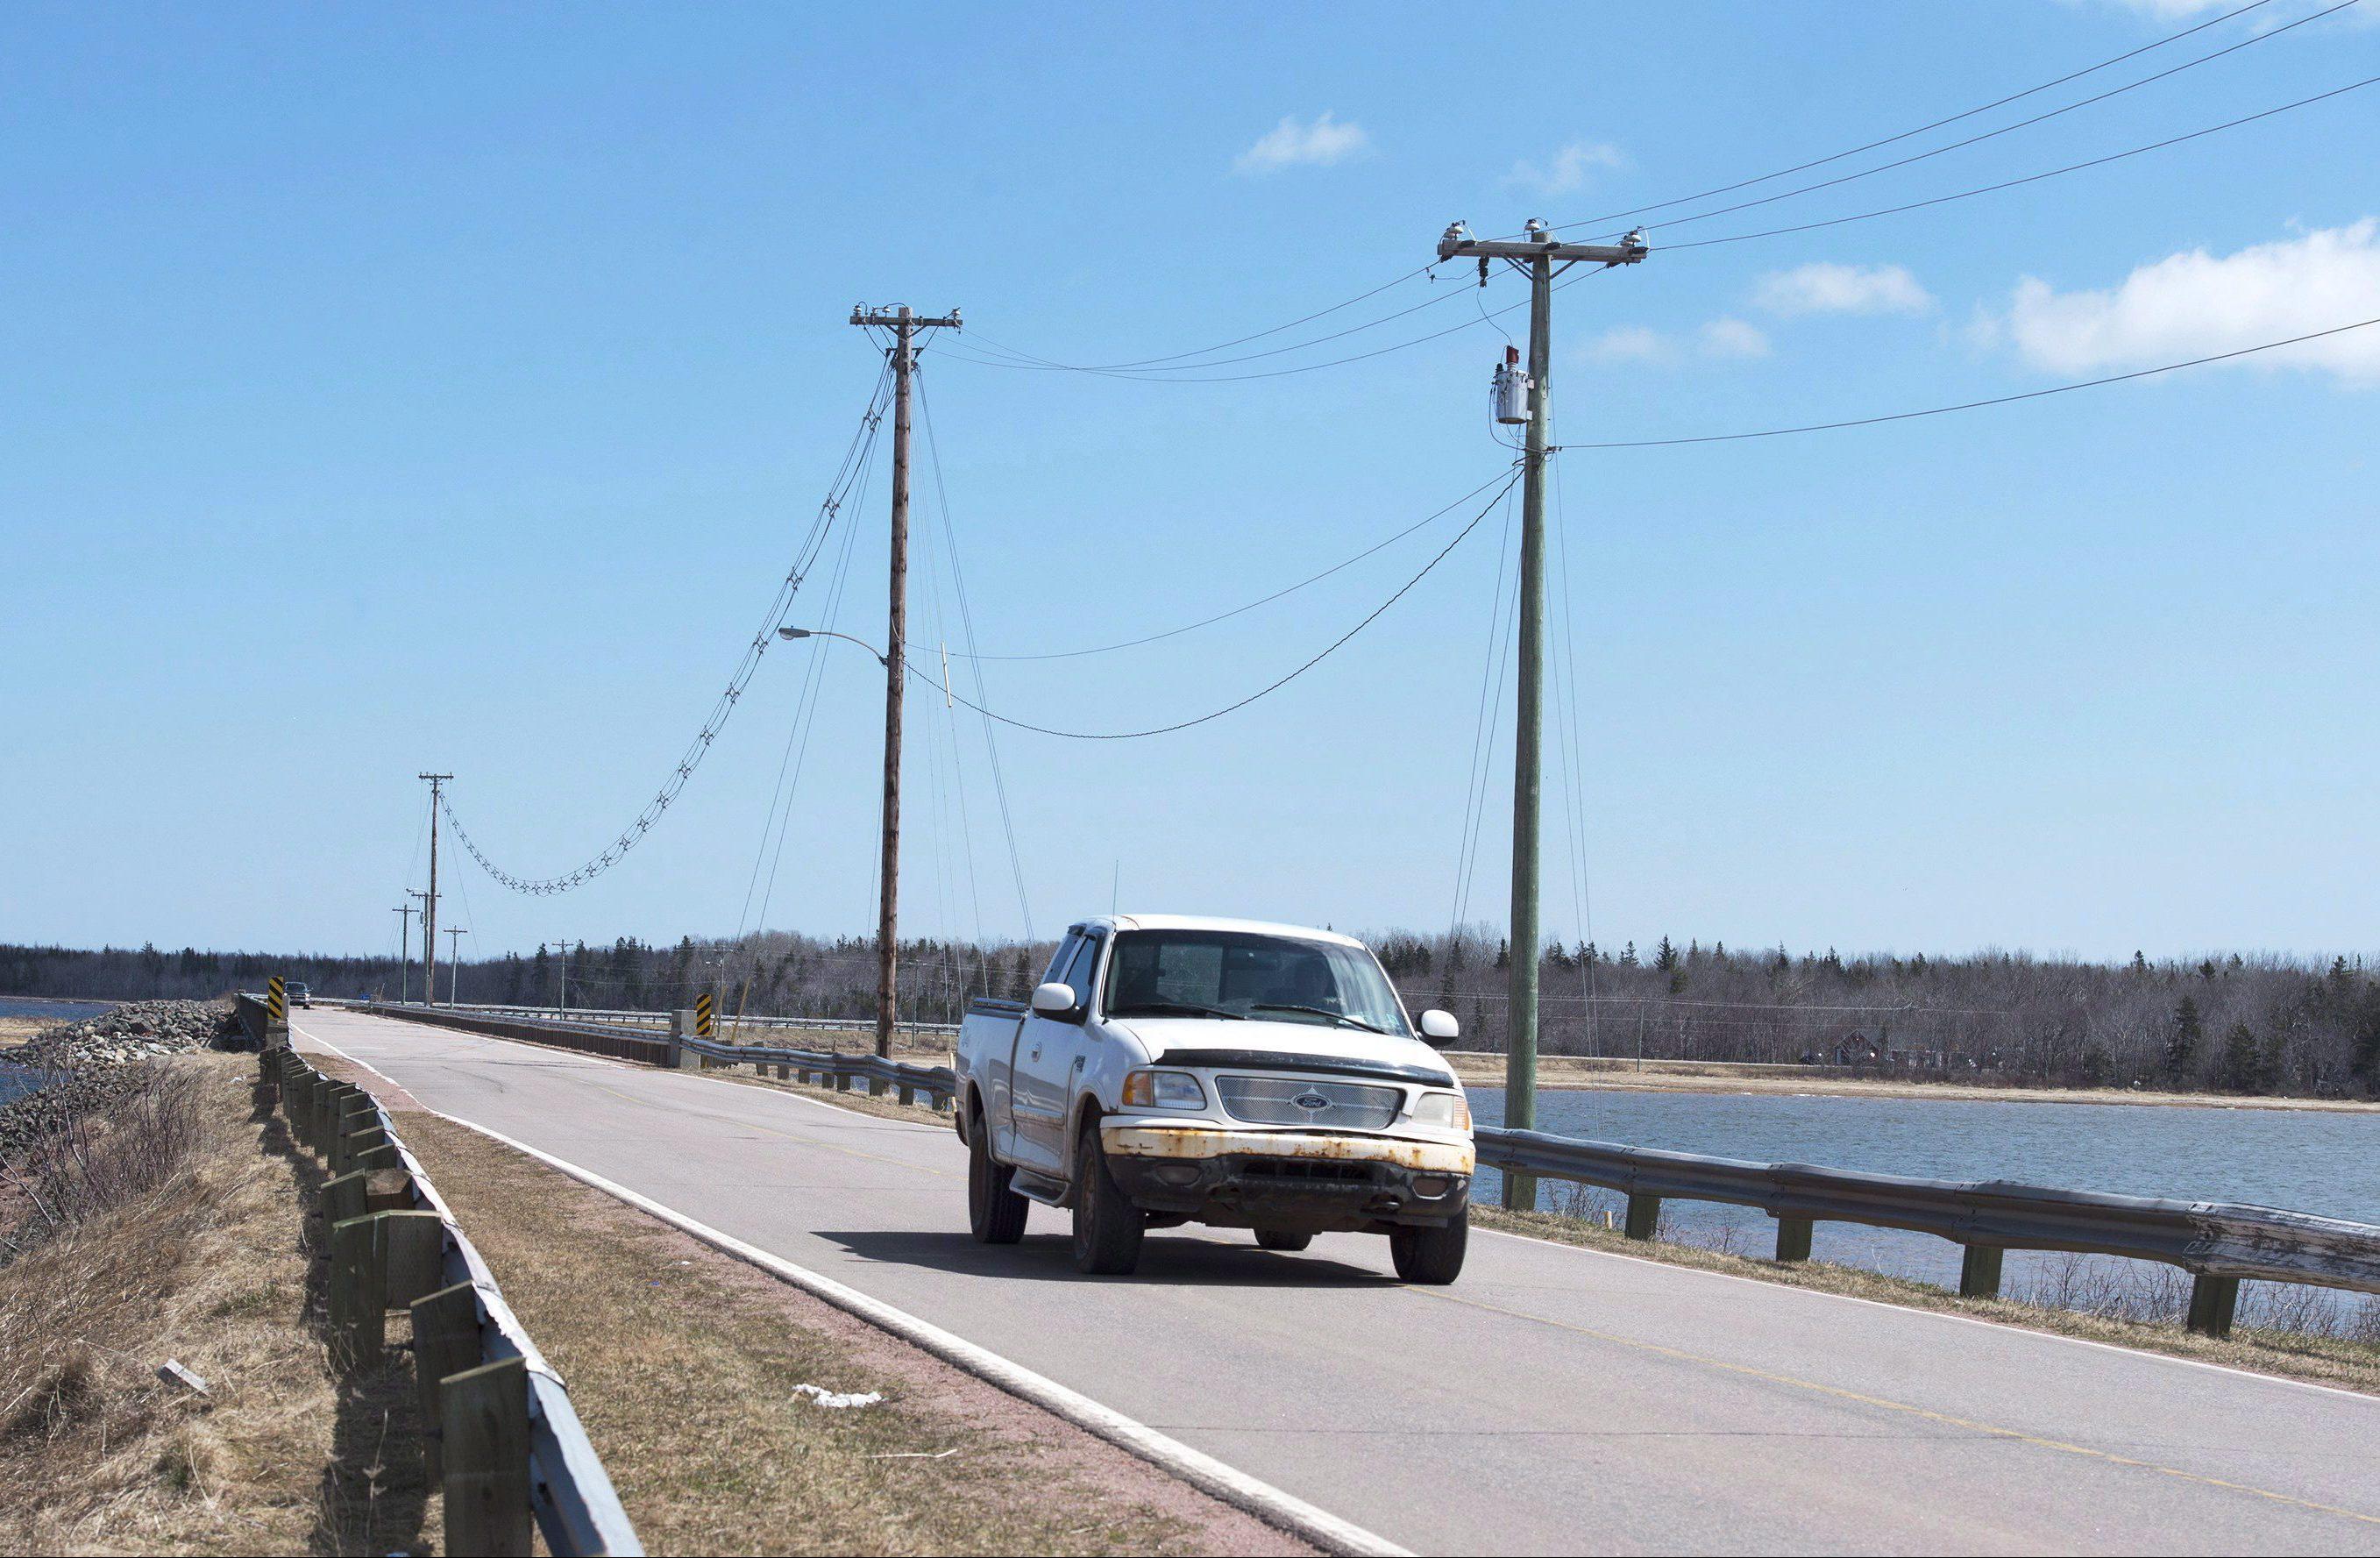 La ruta que conecta la Isla Lennox con el continente de la Isla del Príncipe Eduardo. El aumento del nivel del mar podría afectar incluso esta conexión entre los dos territorio.  ©The Canadian Press/Andrew Vaughan